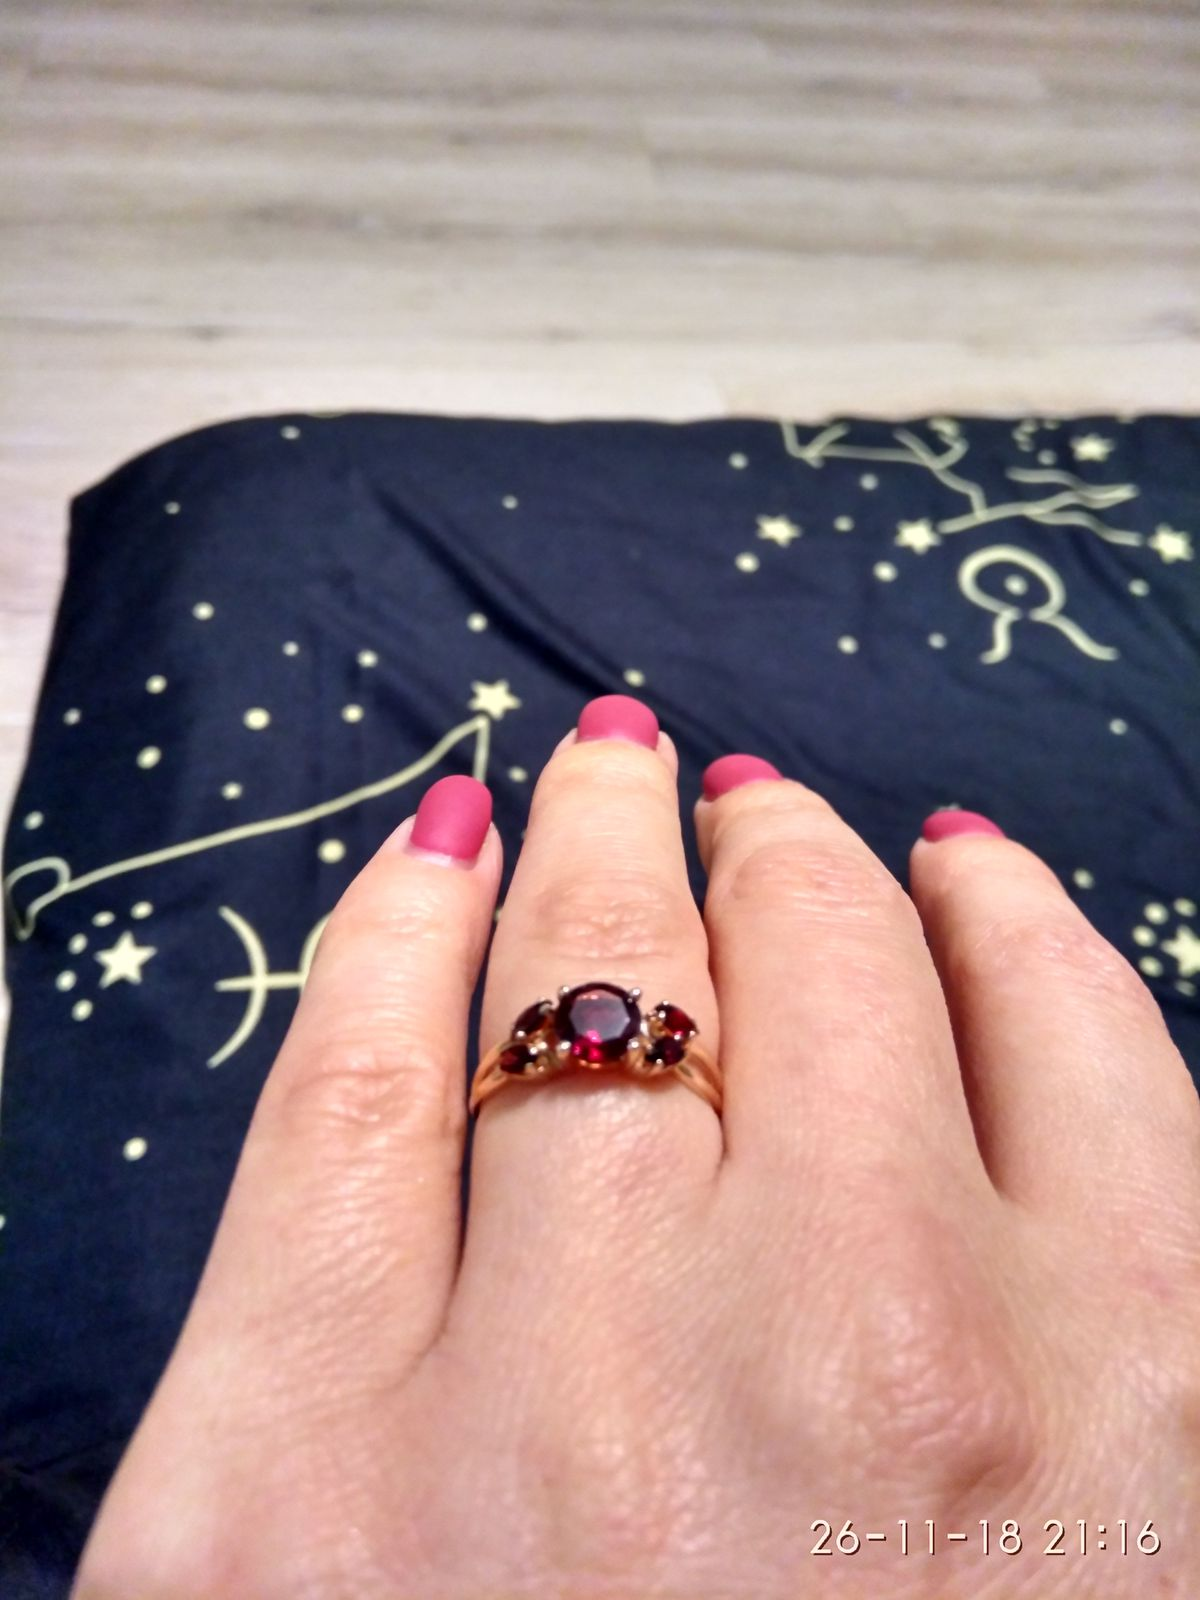 Кольцо очень красивое)))